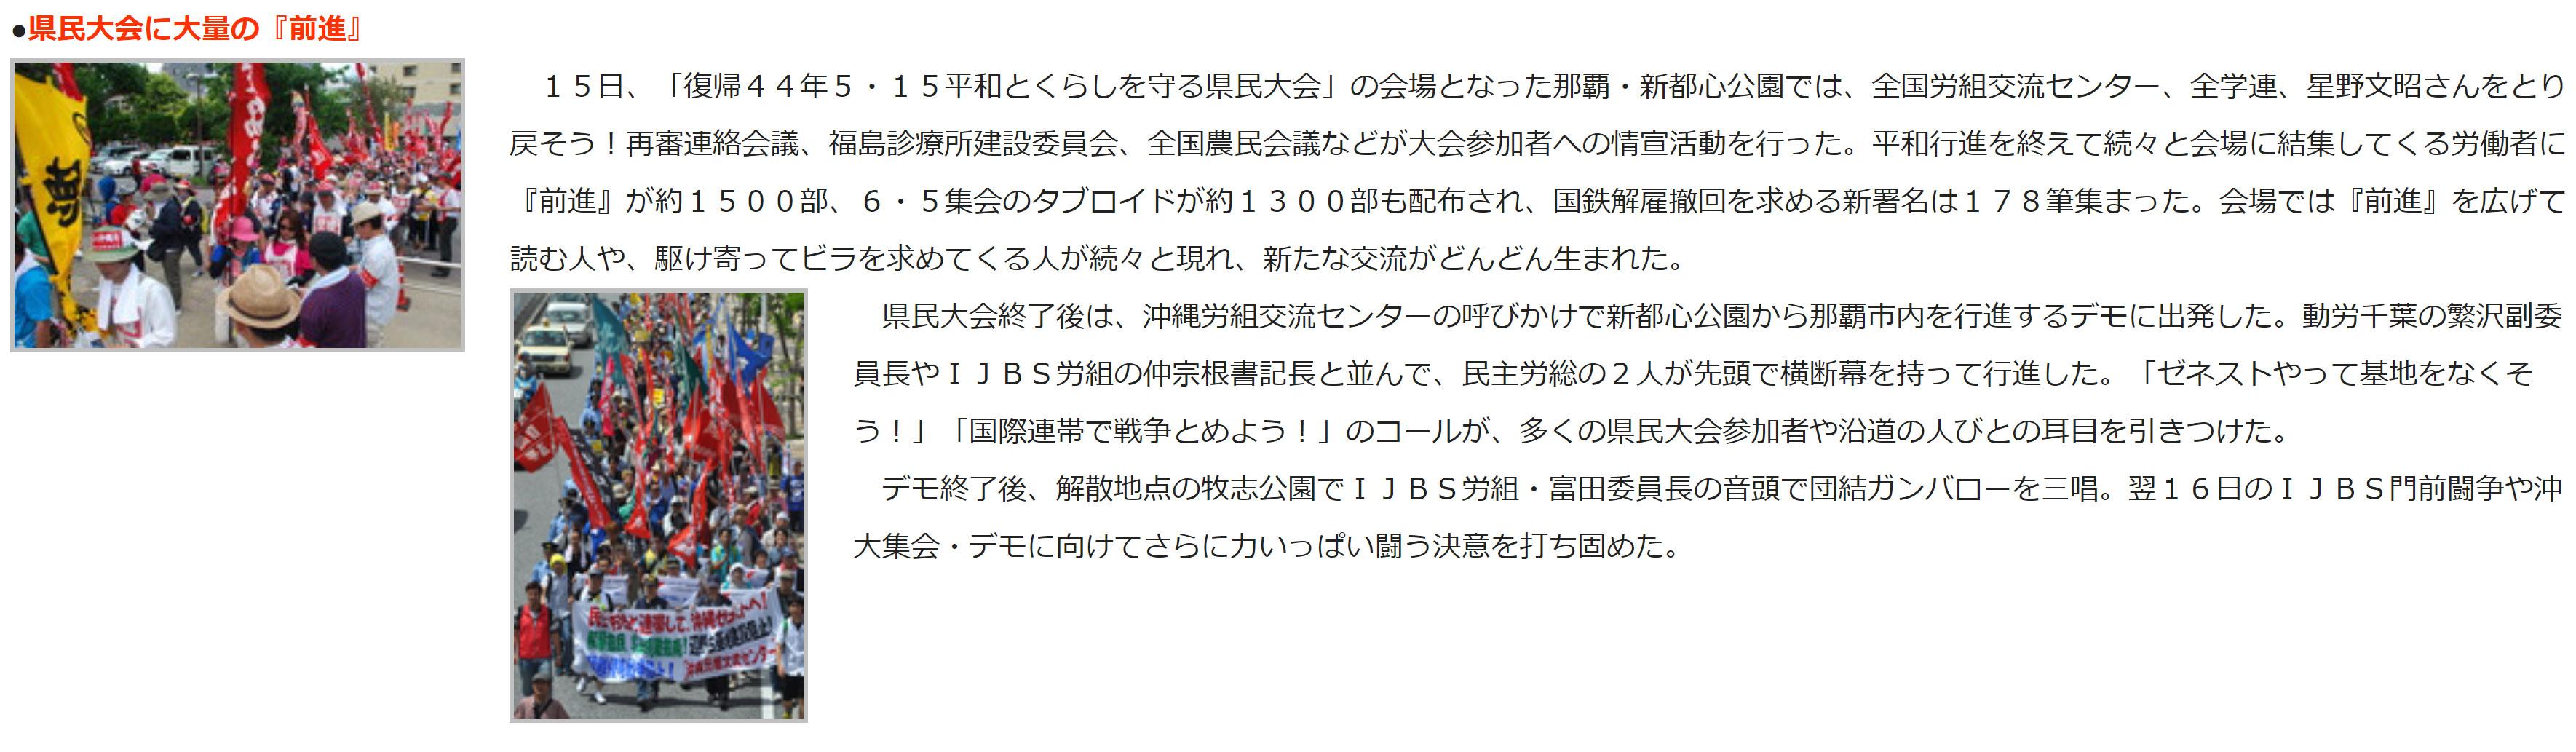 e083767cc2b18bcc9c15147df18e99e7c0e0c82e